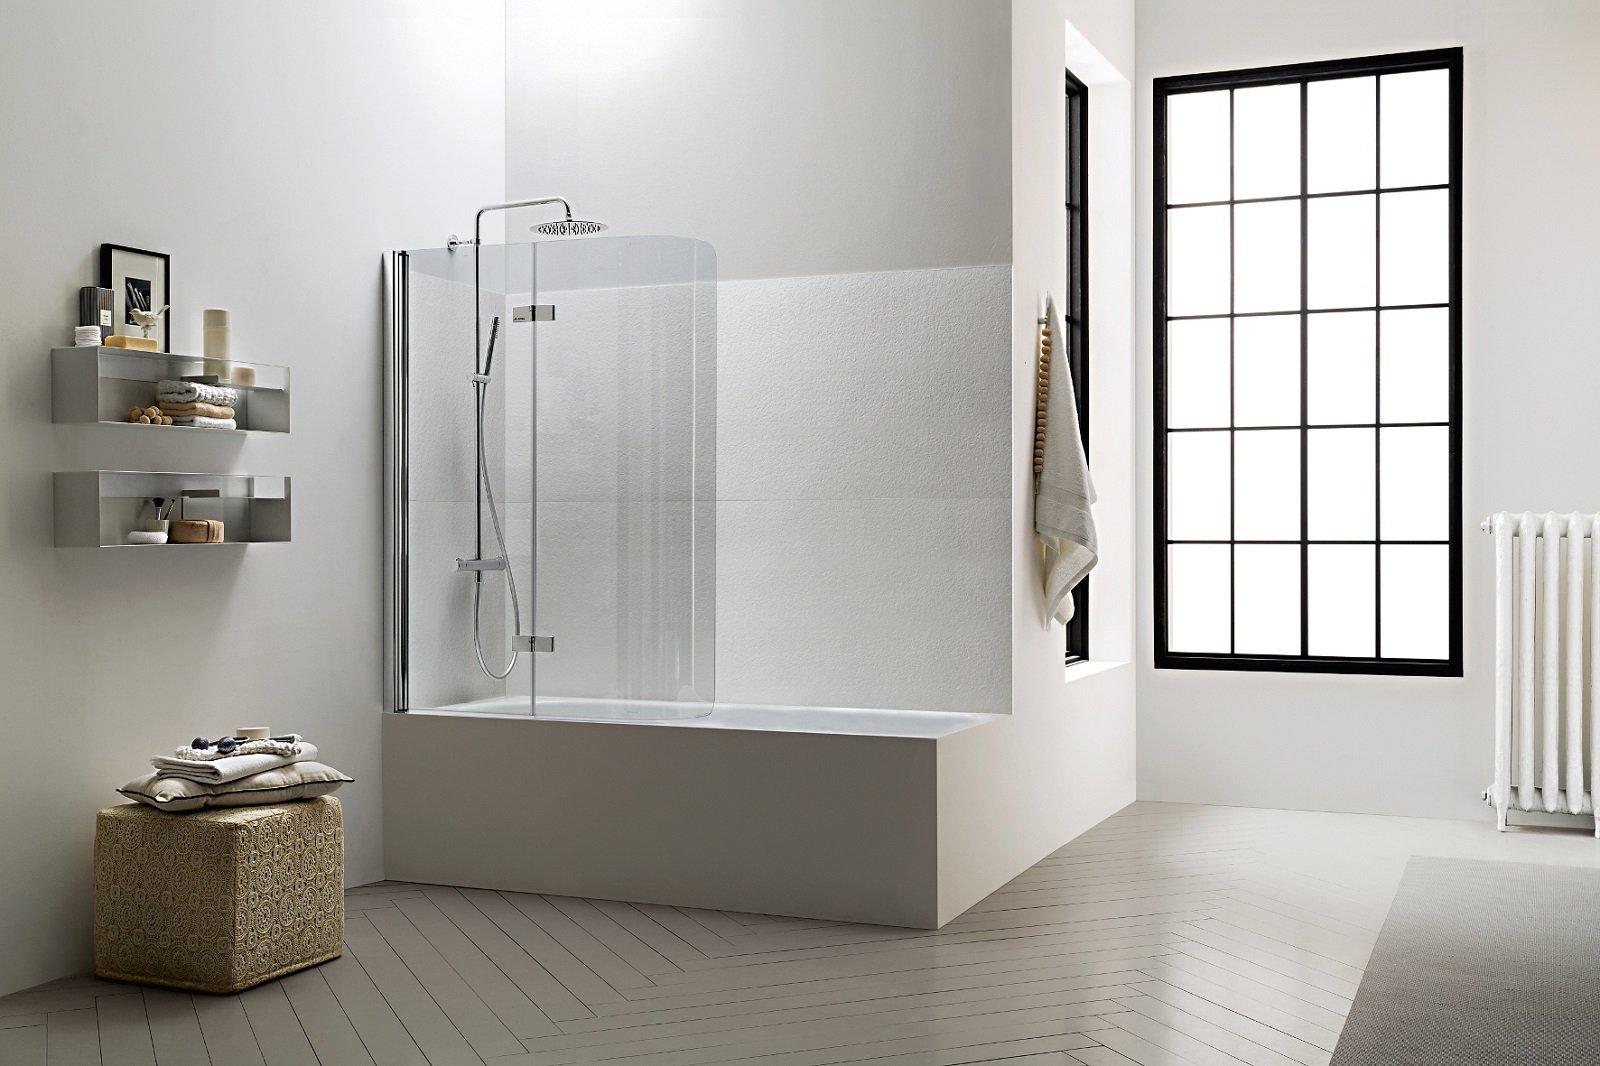 Vetro Per Vasca Da Bagno Prezzi : Incantevole docce moderne prezzi le migliori idee per la casa